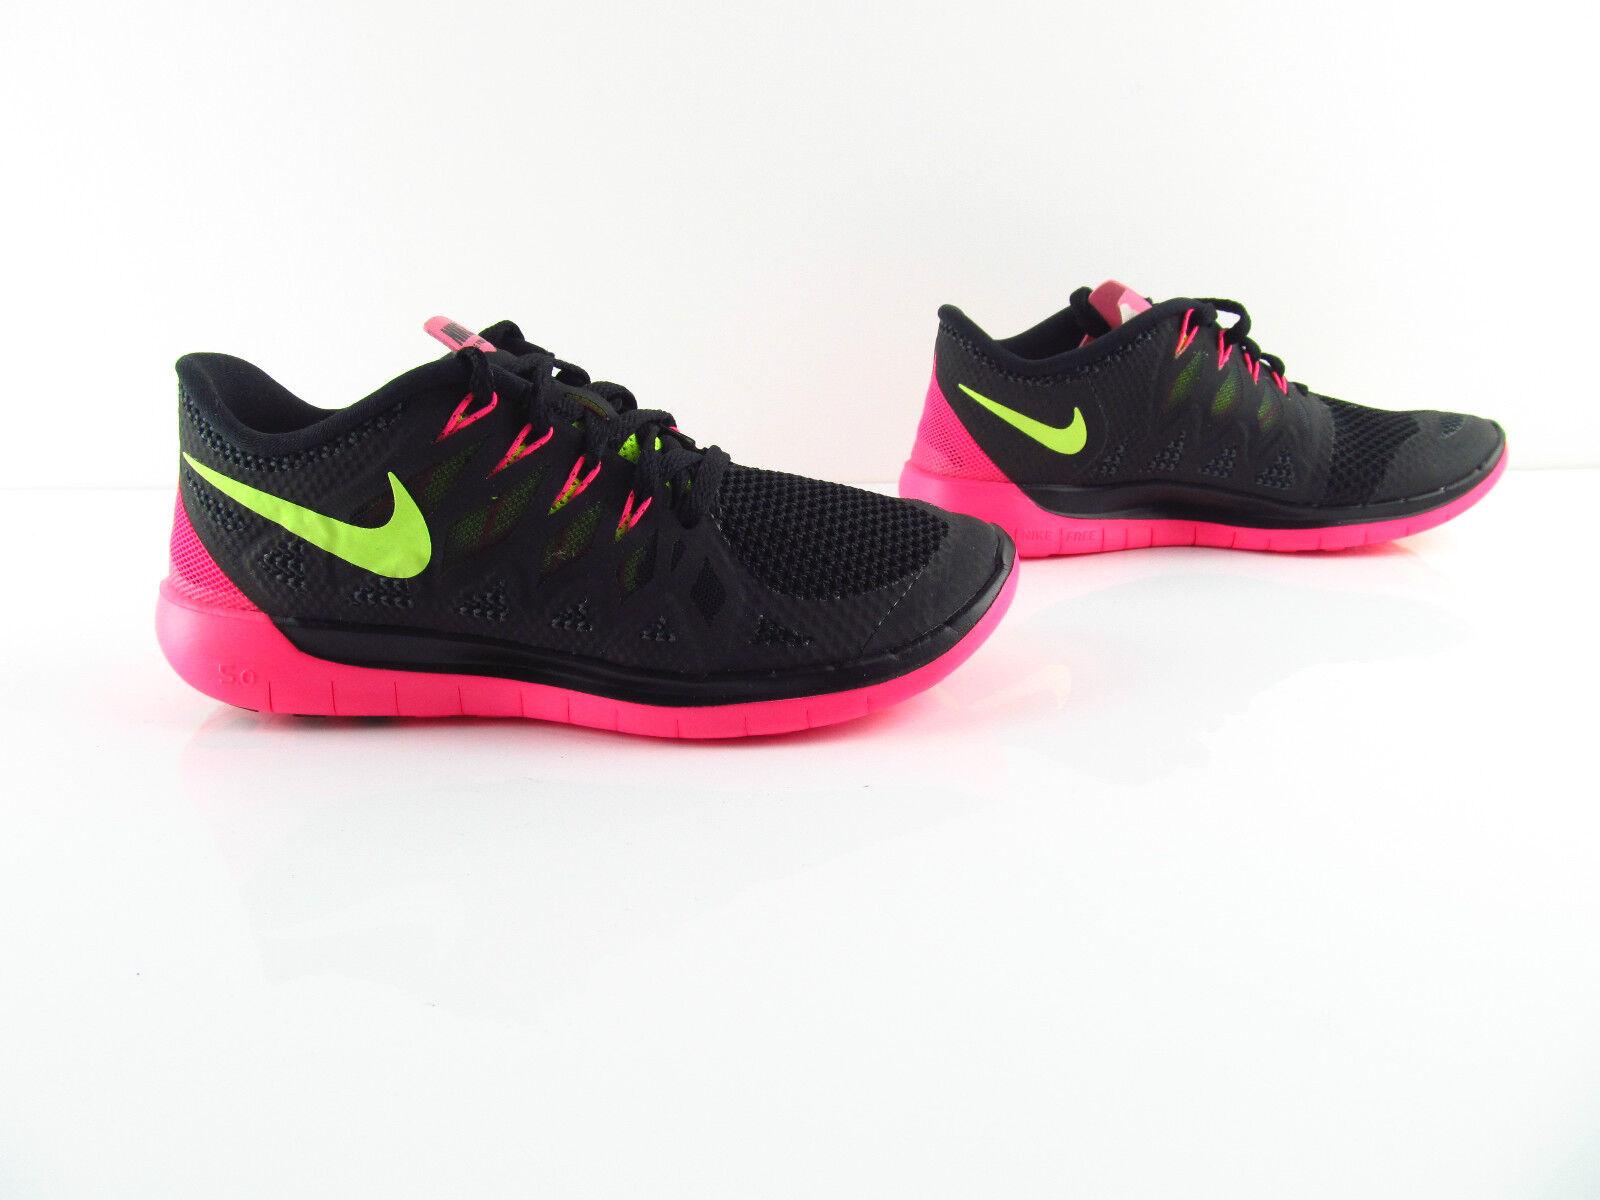 Nike Wmns Free 5.0 Black Volt Hyper Pink Running Bearfoot New Eur 36.5 38